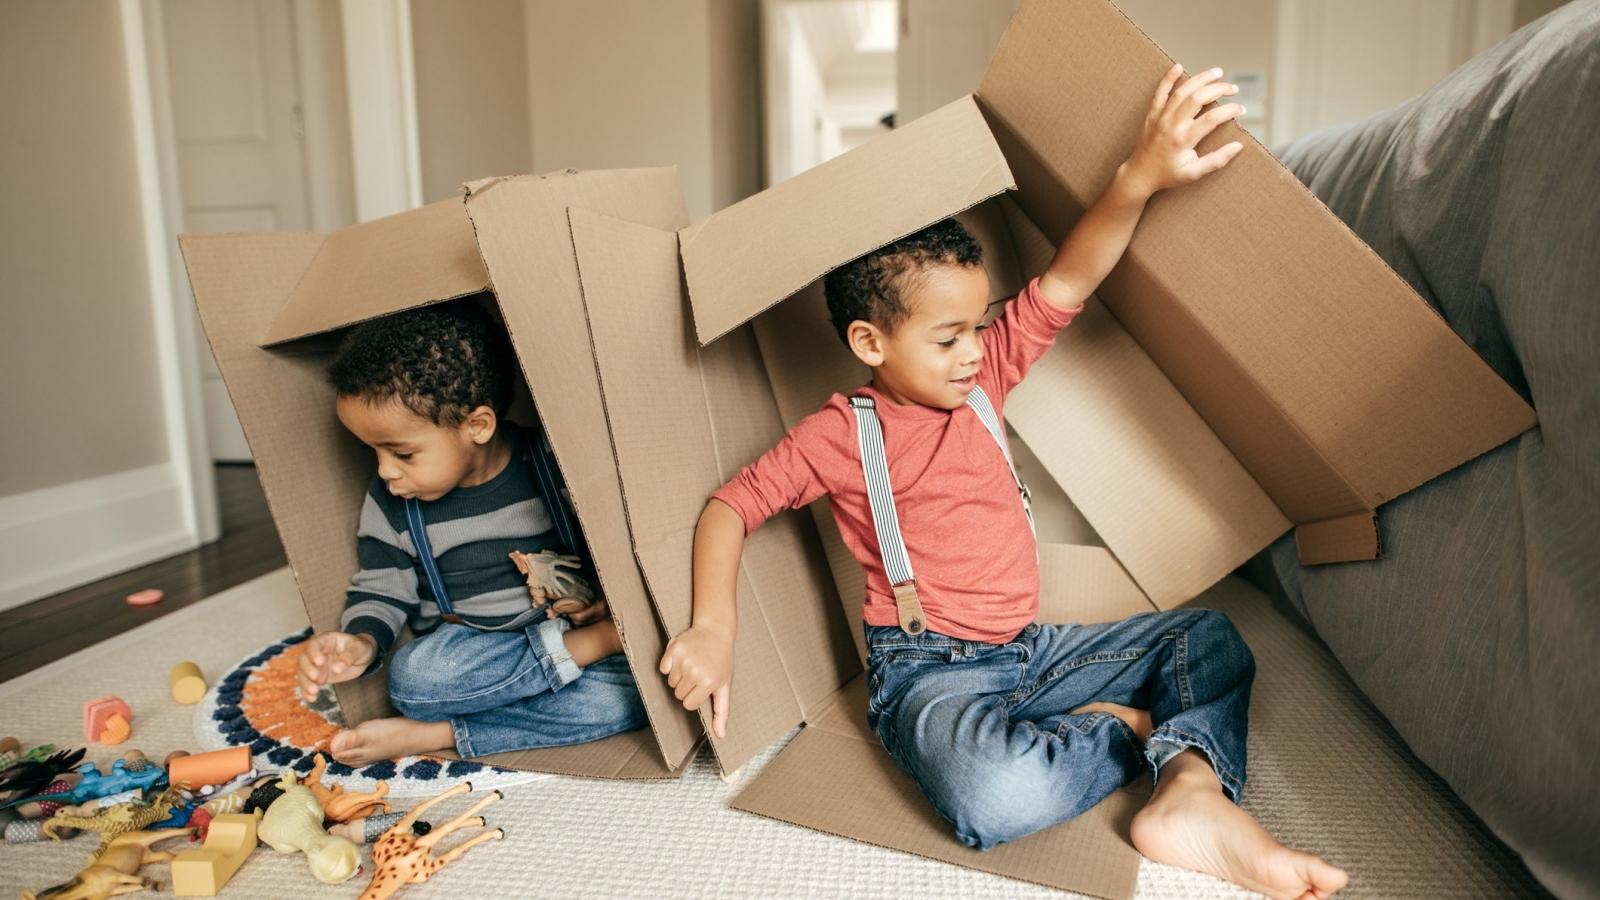 Các hoạt động thú vị cho trẻ khi ở nhà